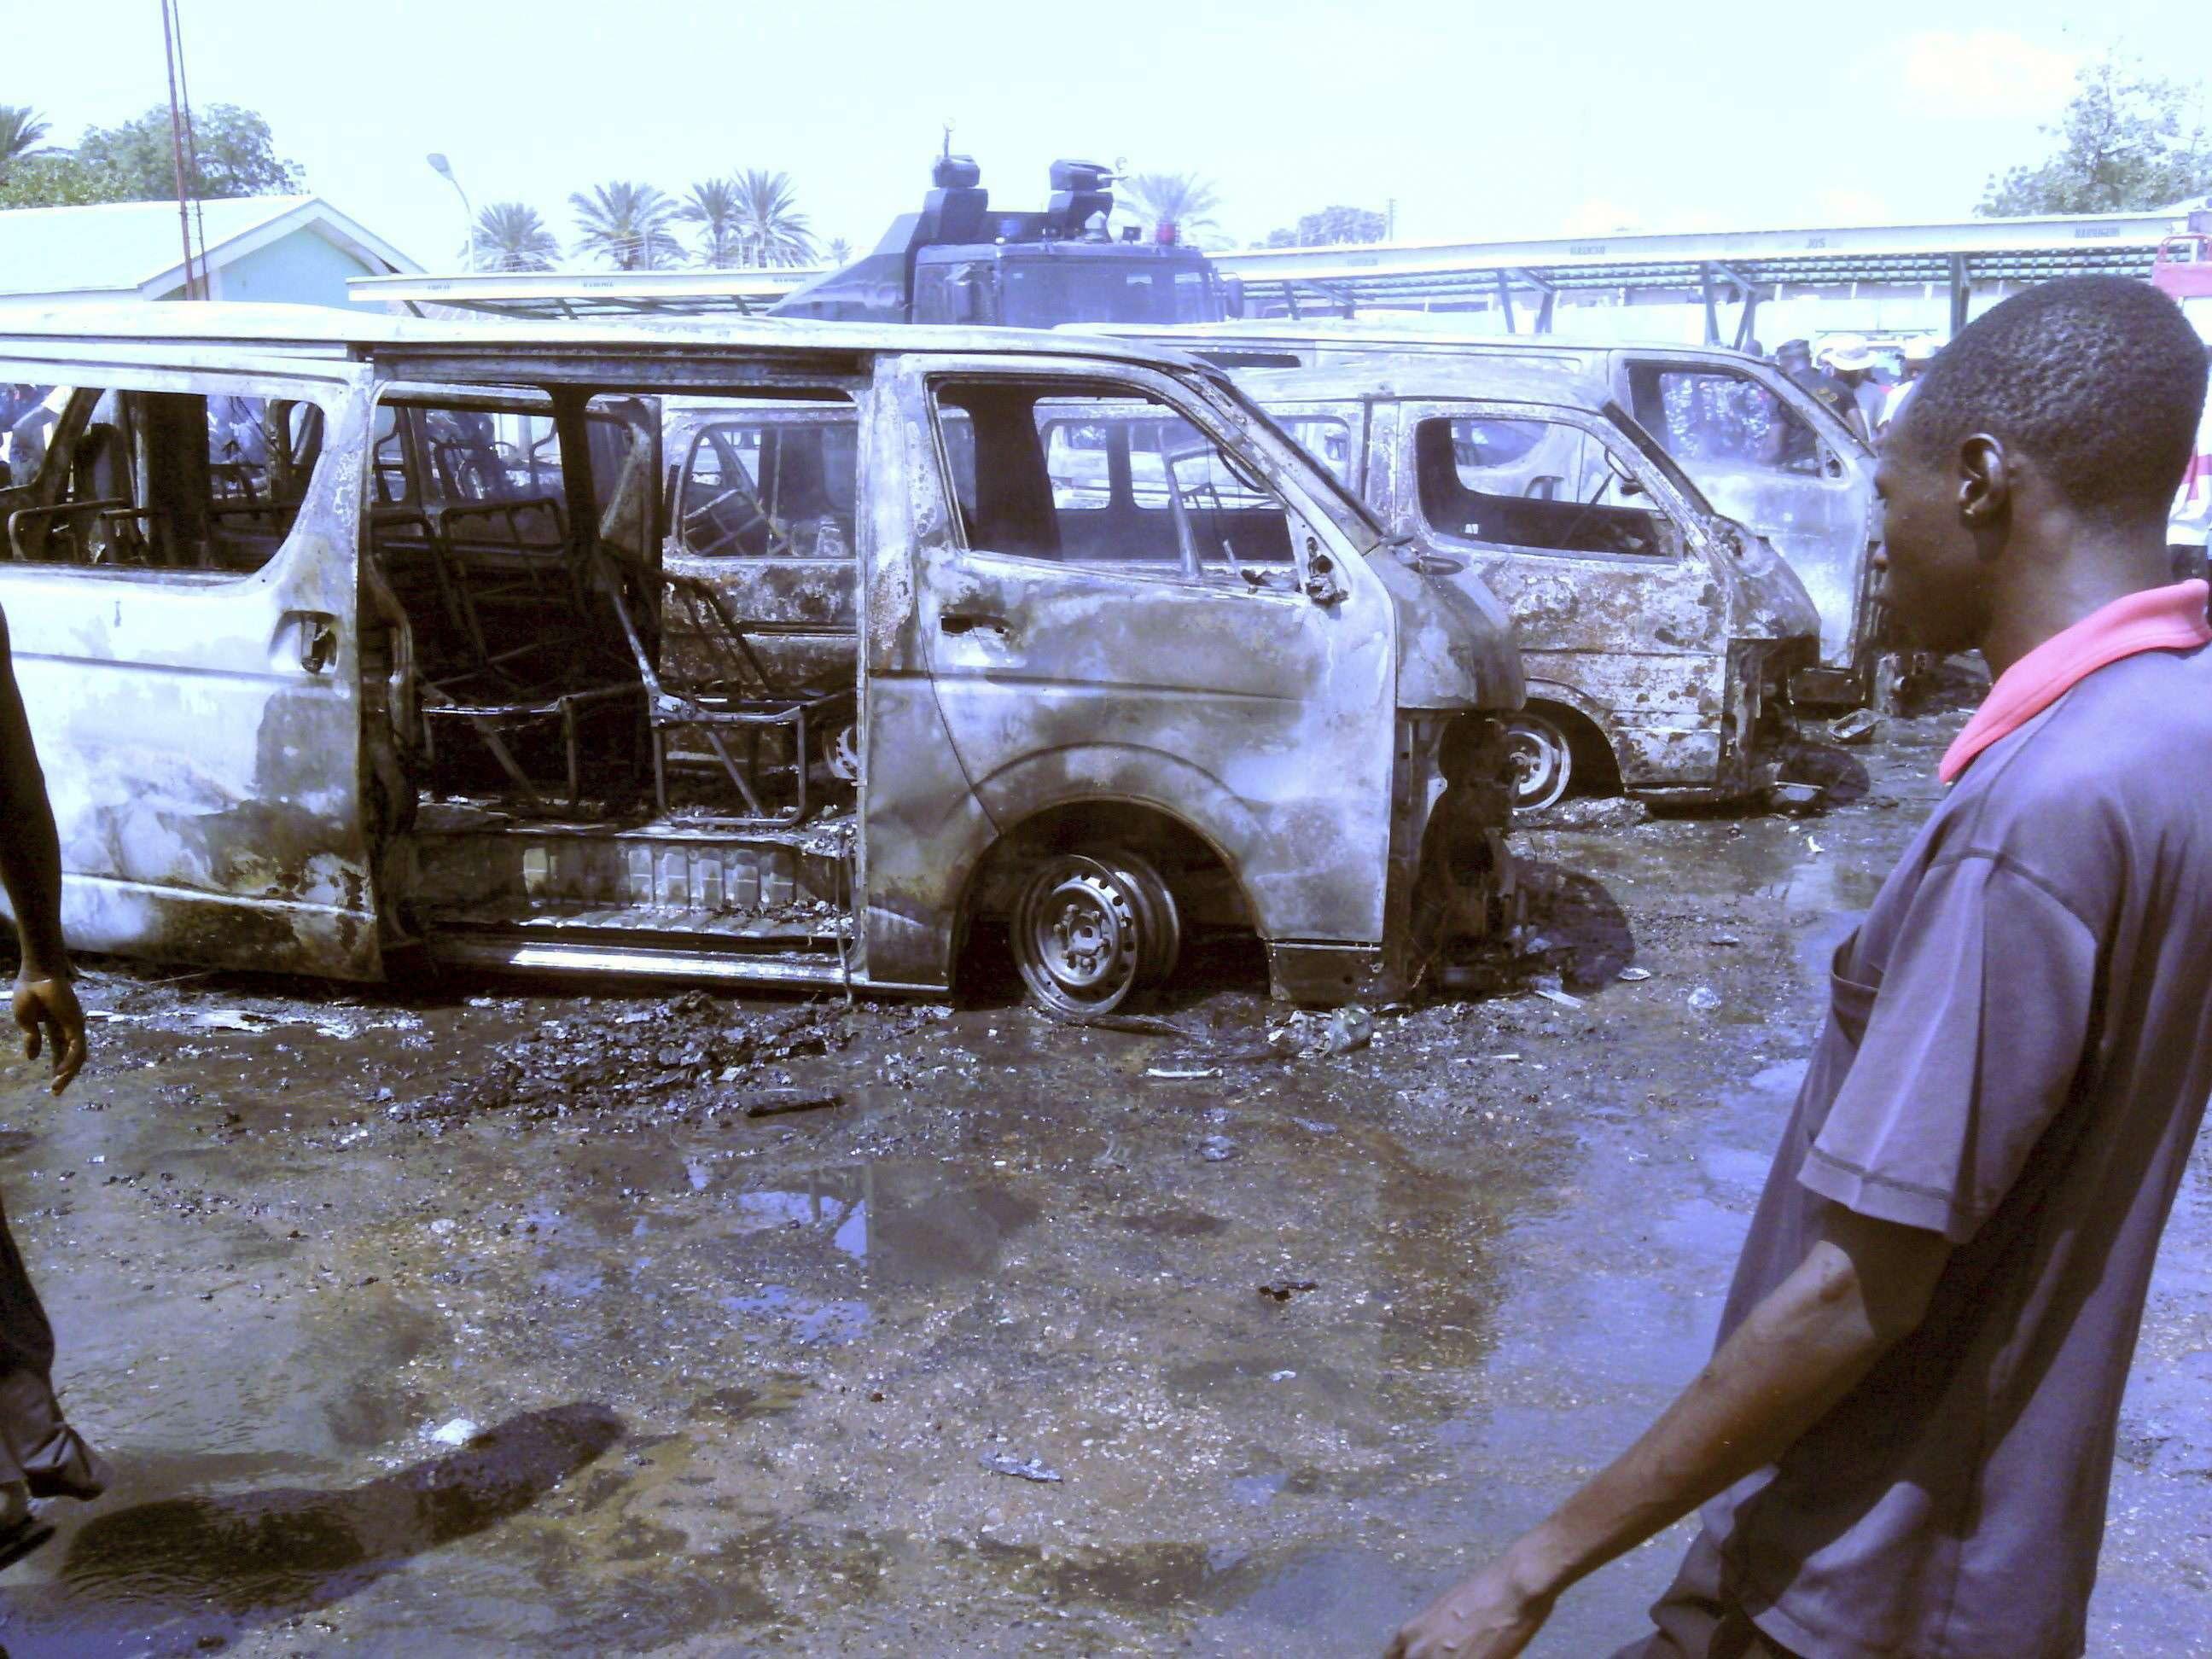 La explosión se produjo a una hora punta, en la popular estación de autobuses regulares de Gombe. Foto: EFE en español